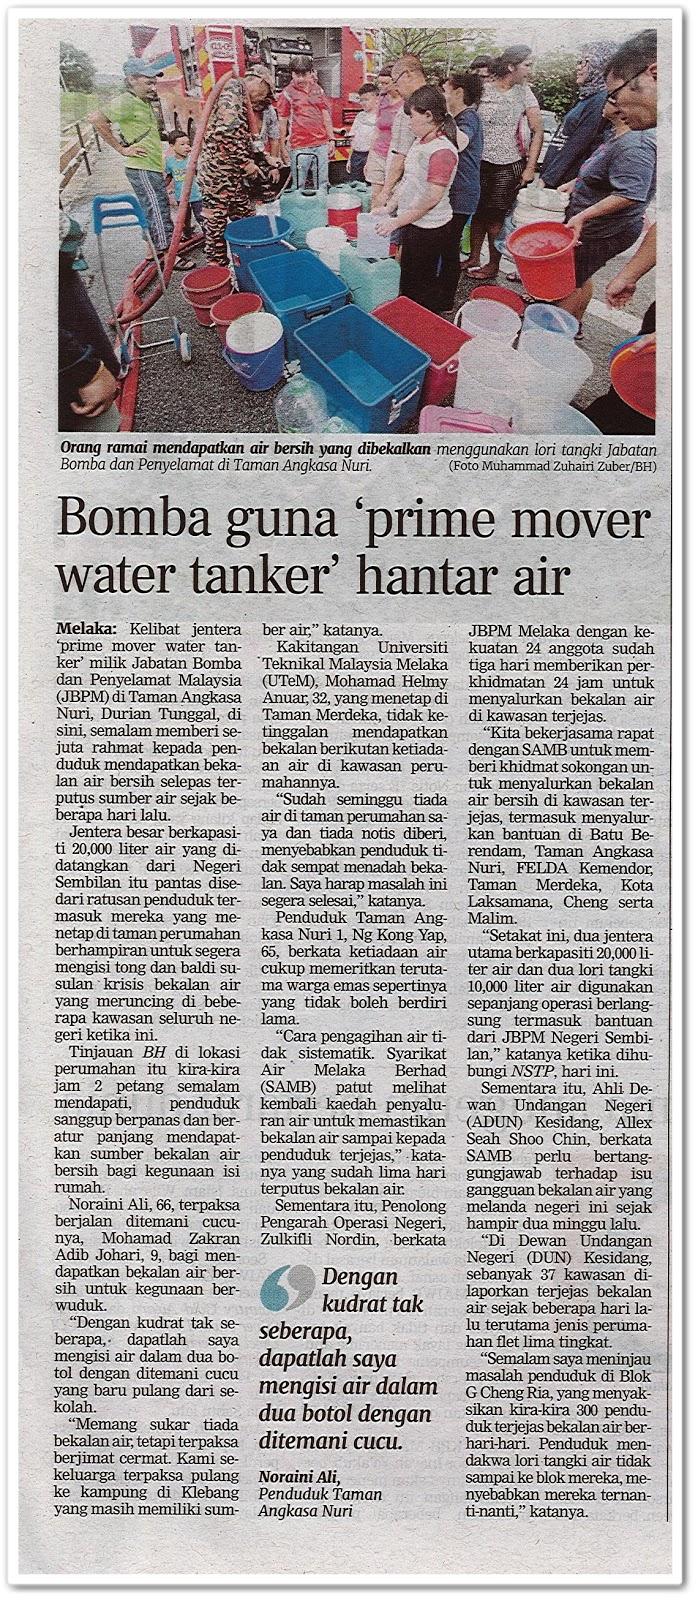 Bomba guna 'primer mover water tanker' hantar air - Keratan akhbar 25 September 2019